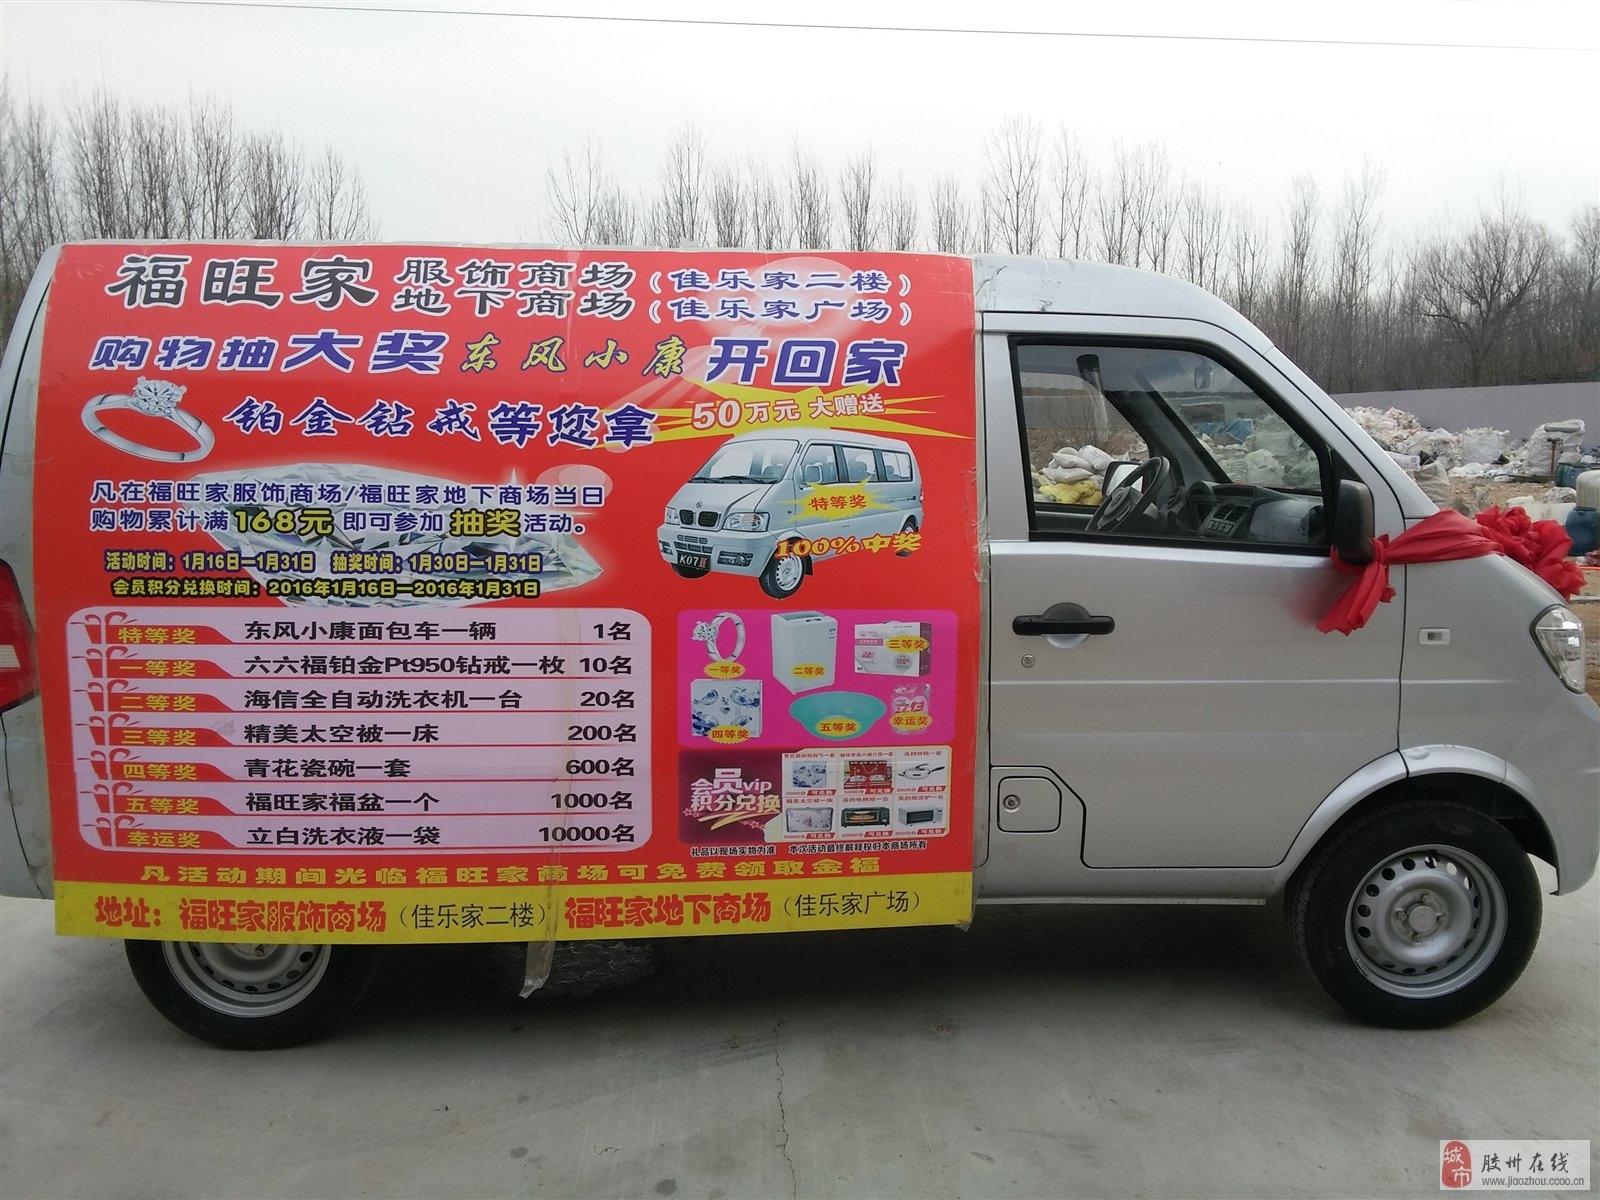 出售新车东风小康k07s